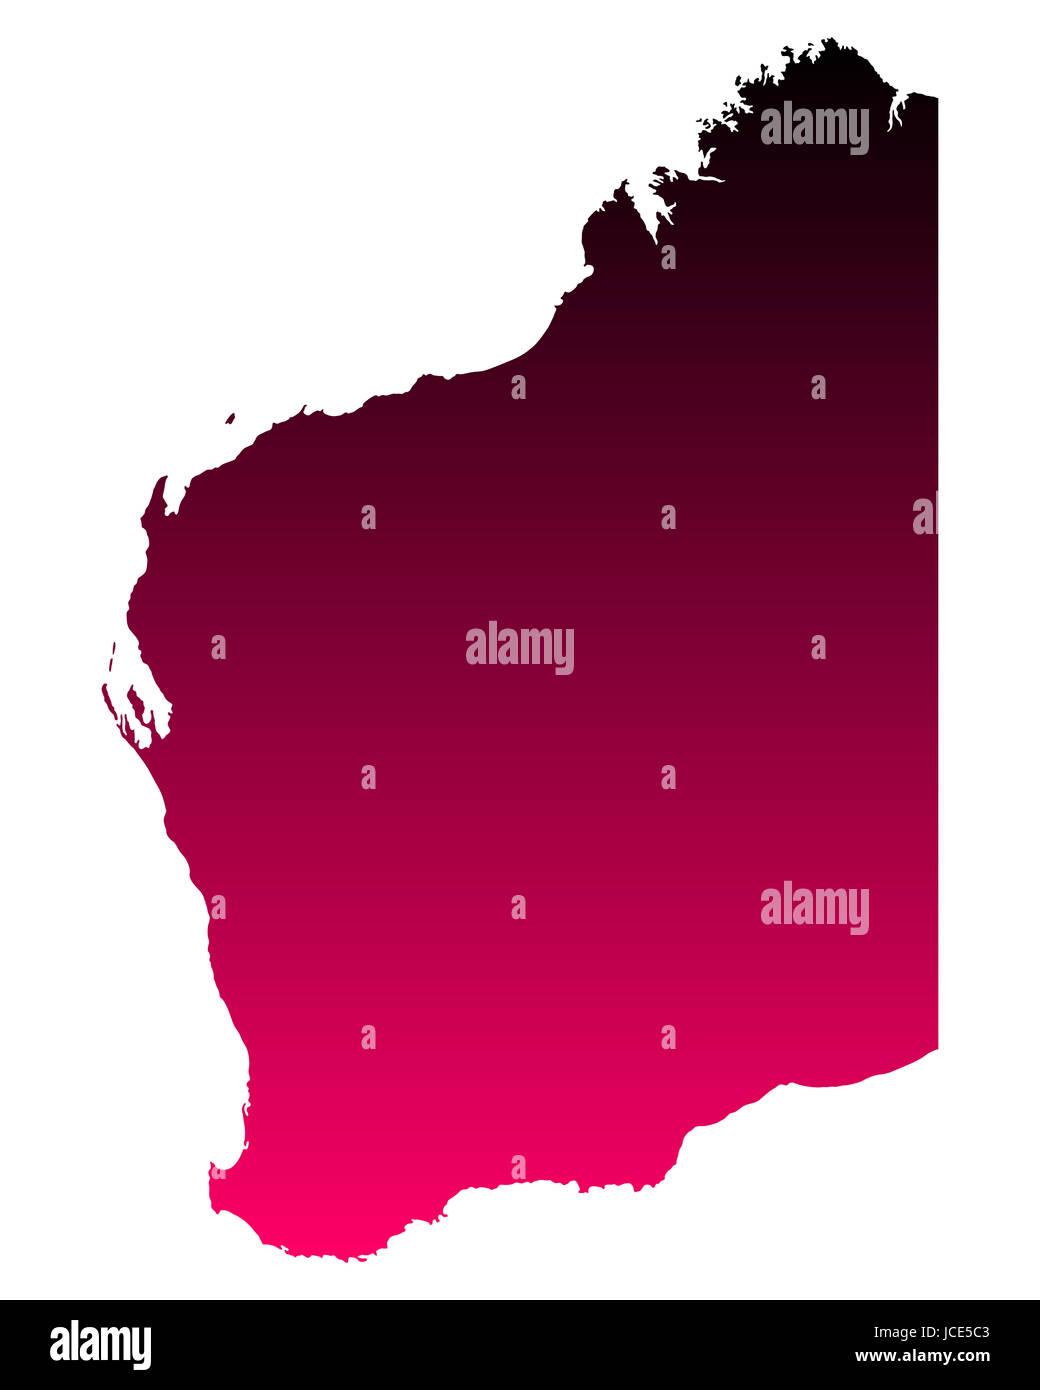 Karte von Western Australia - Stock Image